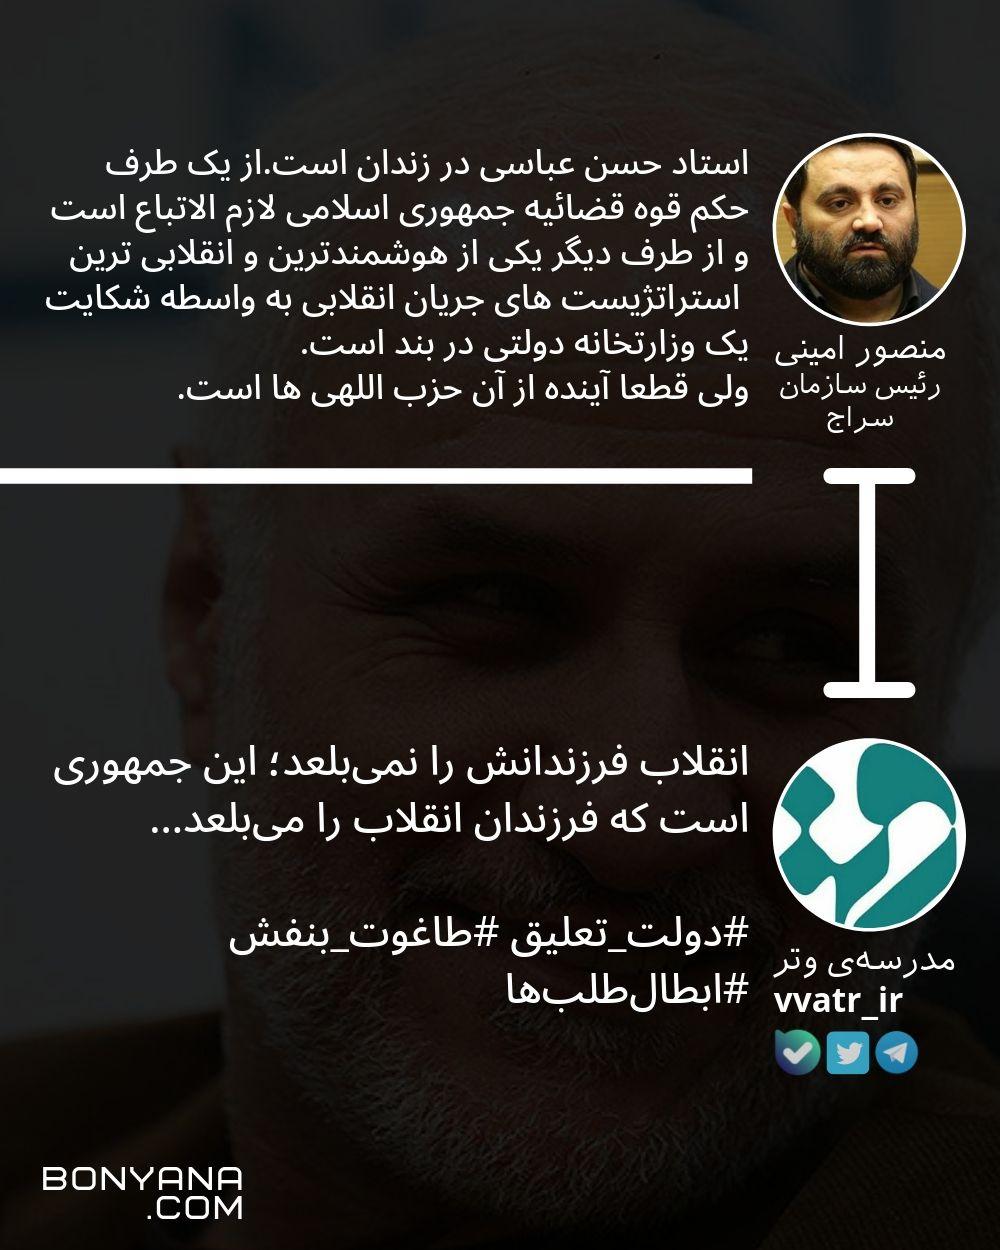 استاد حسن عباسی در زندان